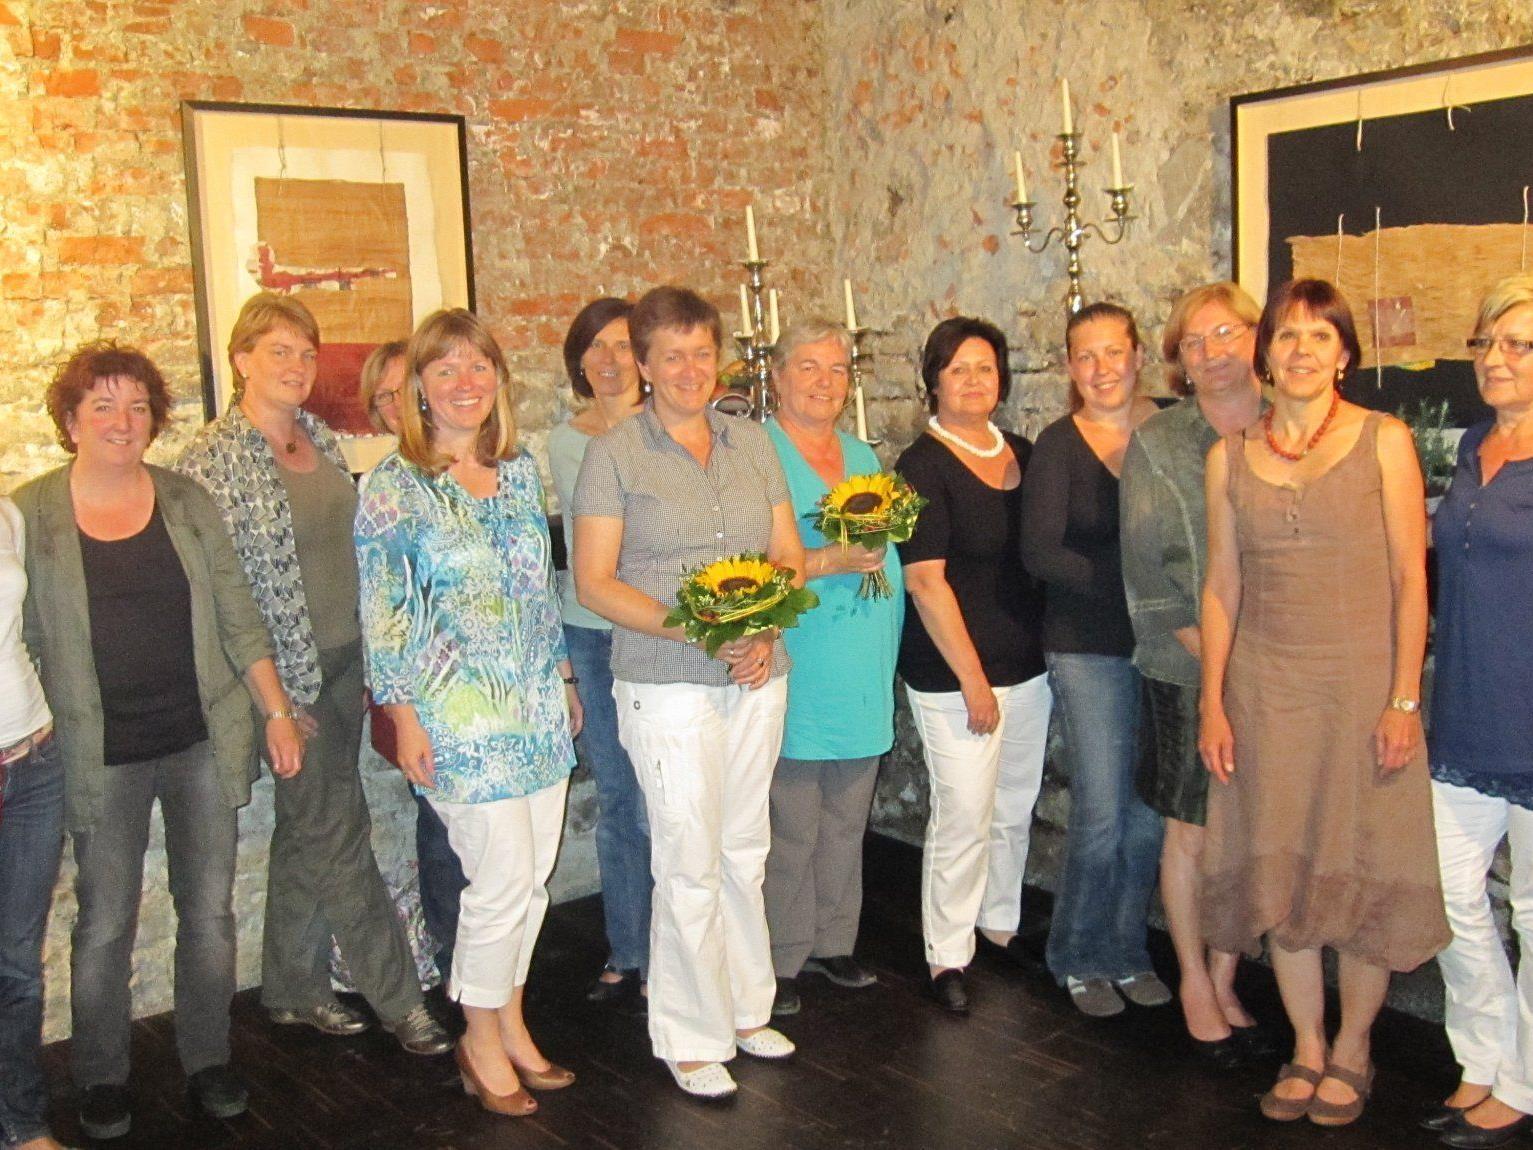 Gemeinsam etwas bewegen - dafür steht das Frauennetzwerk Vorarlberg.